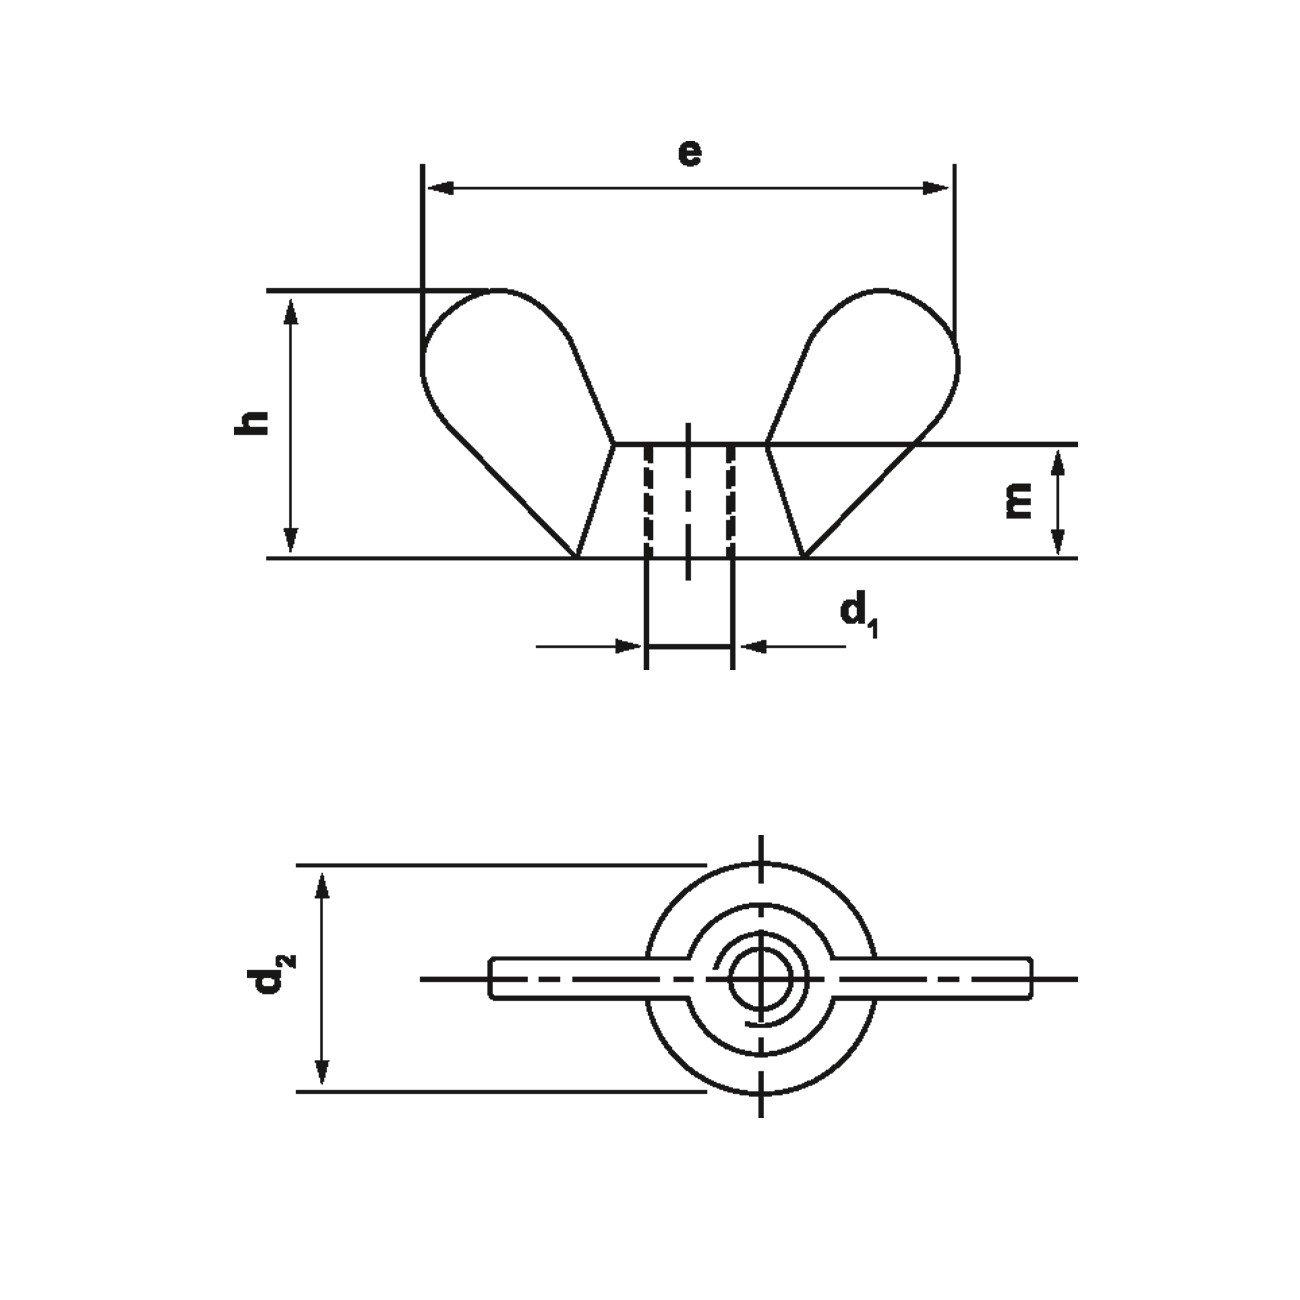 Dresselhaus Flü gelmuttern Temperguss, M 12 mm, galvanisch verzinkt, 50 Stü ck Dresselhaus GmbH & Co. KG 0/0600/001/  12 0/     /     /01